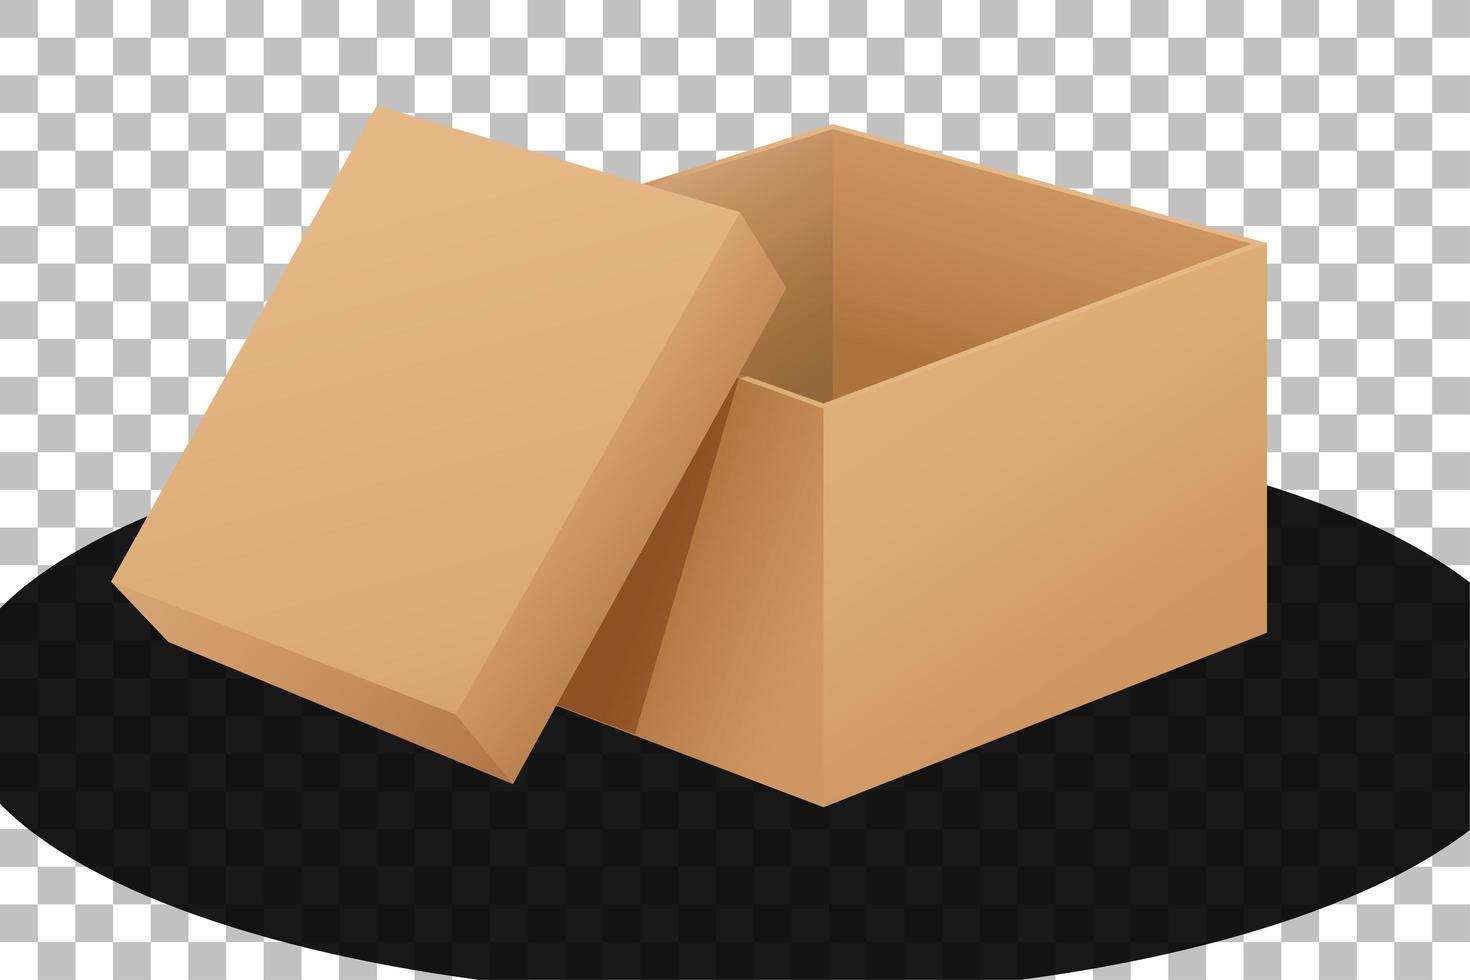 scatola di cartone aperta isolata vettore